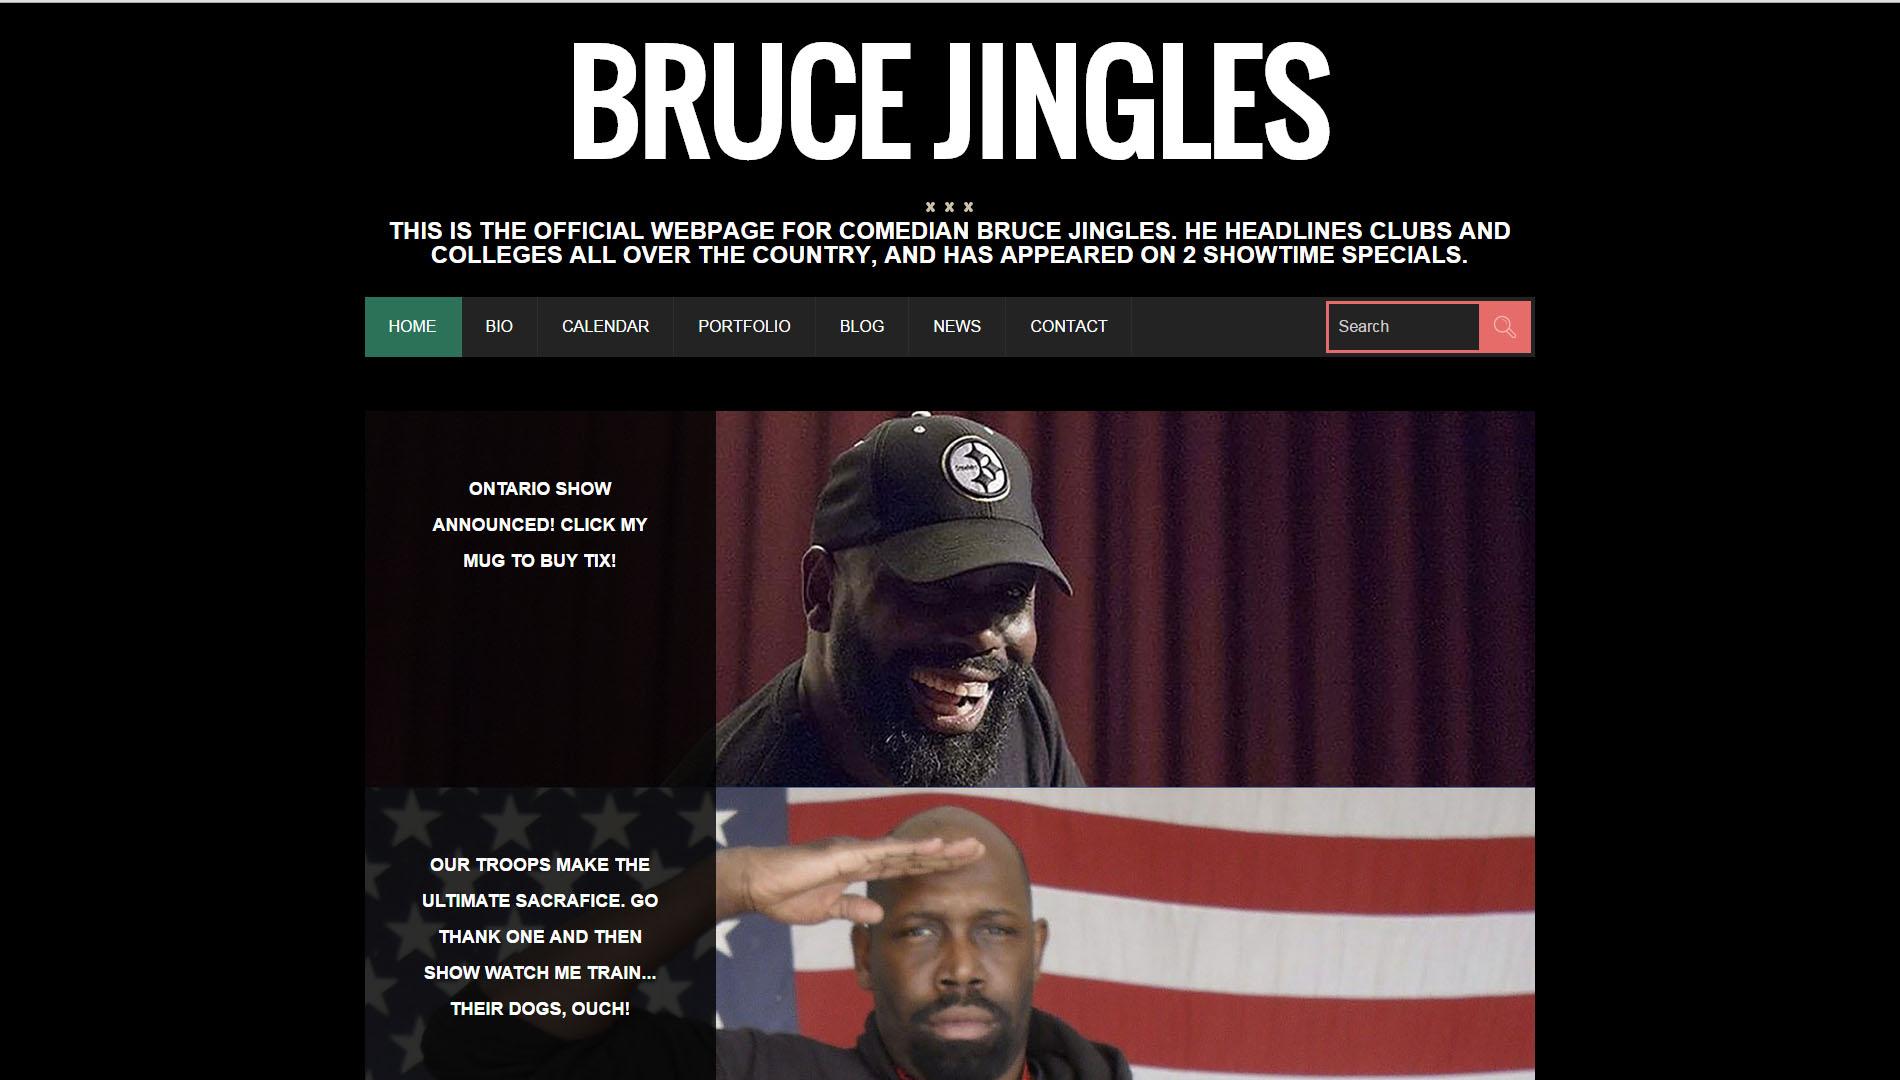 Bruce Jingles